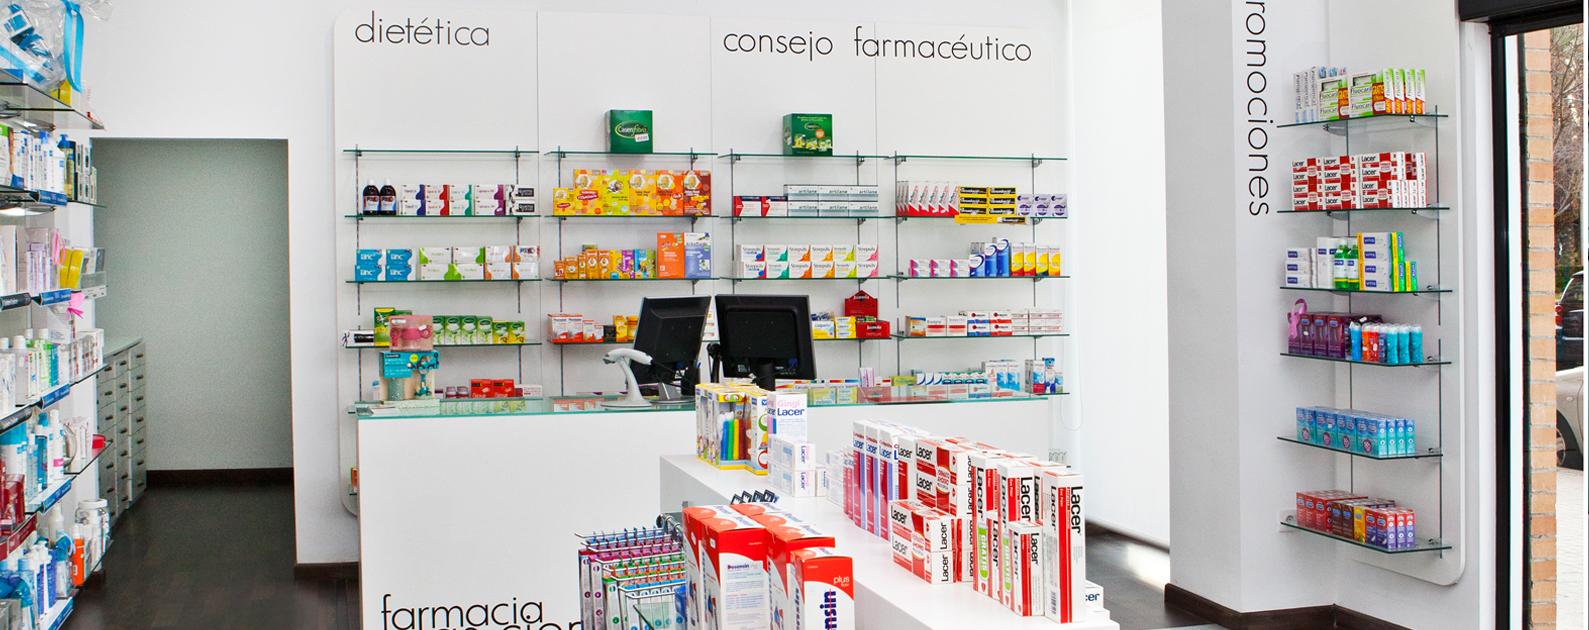 reforma de farmacia casaudomecq